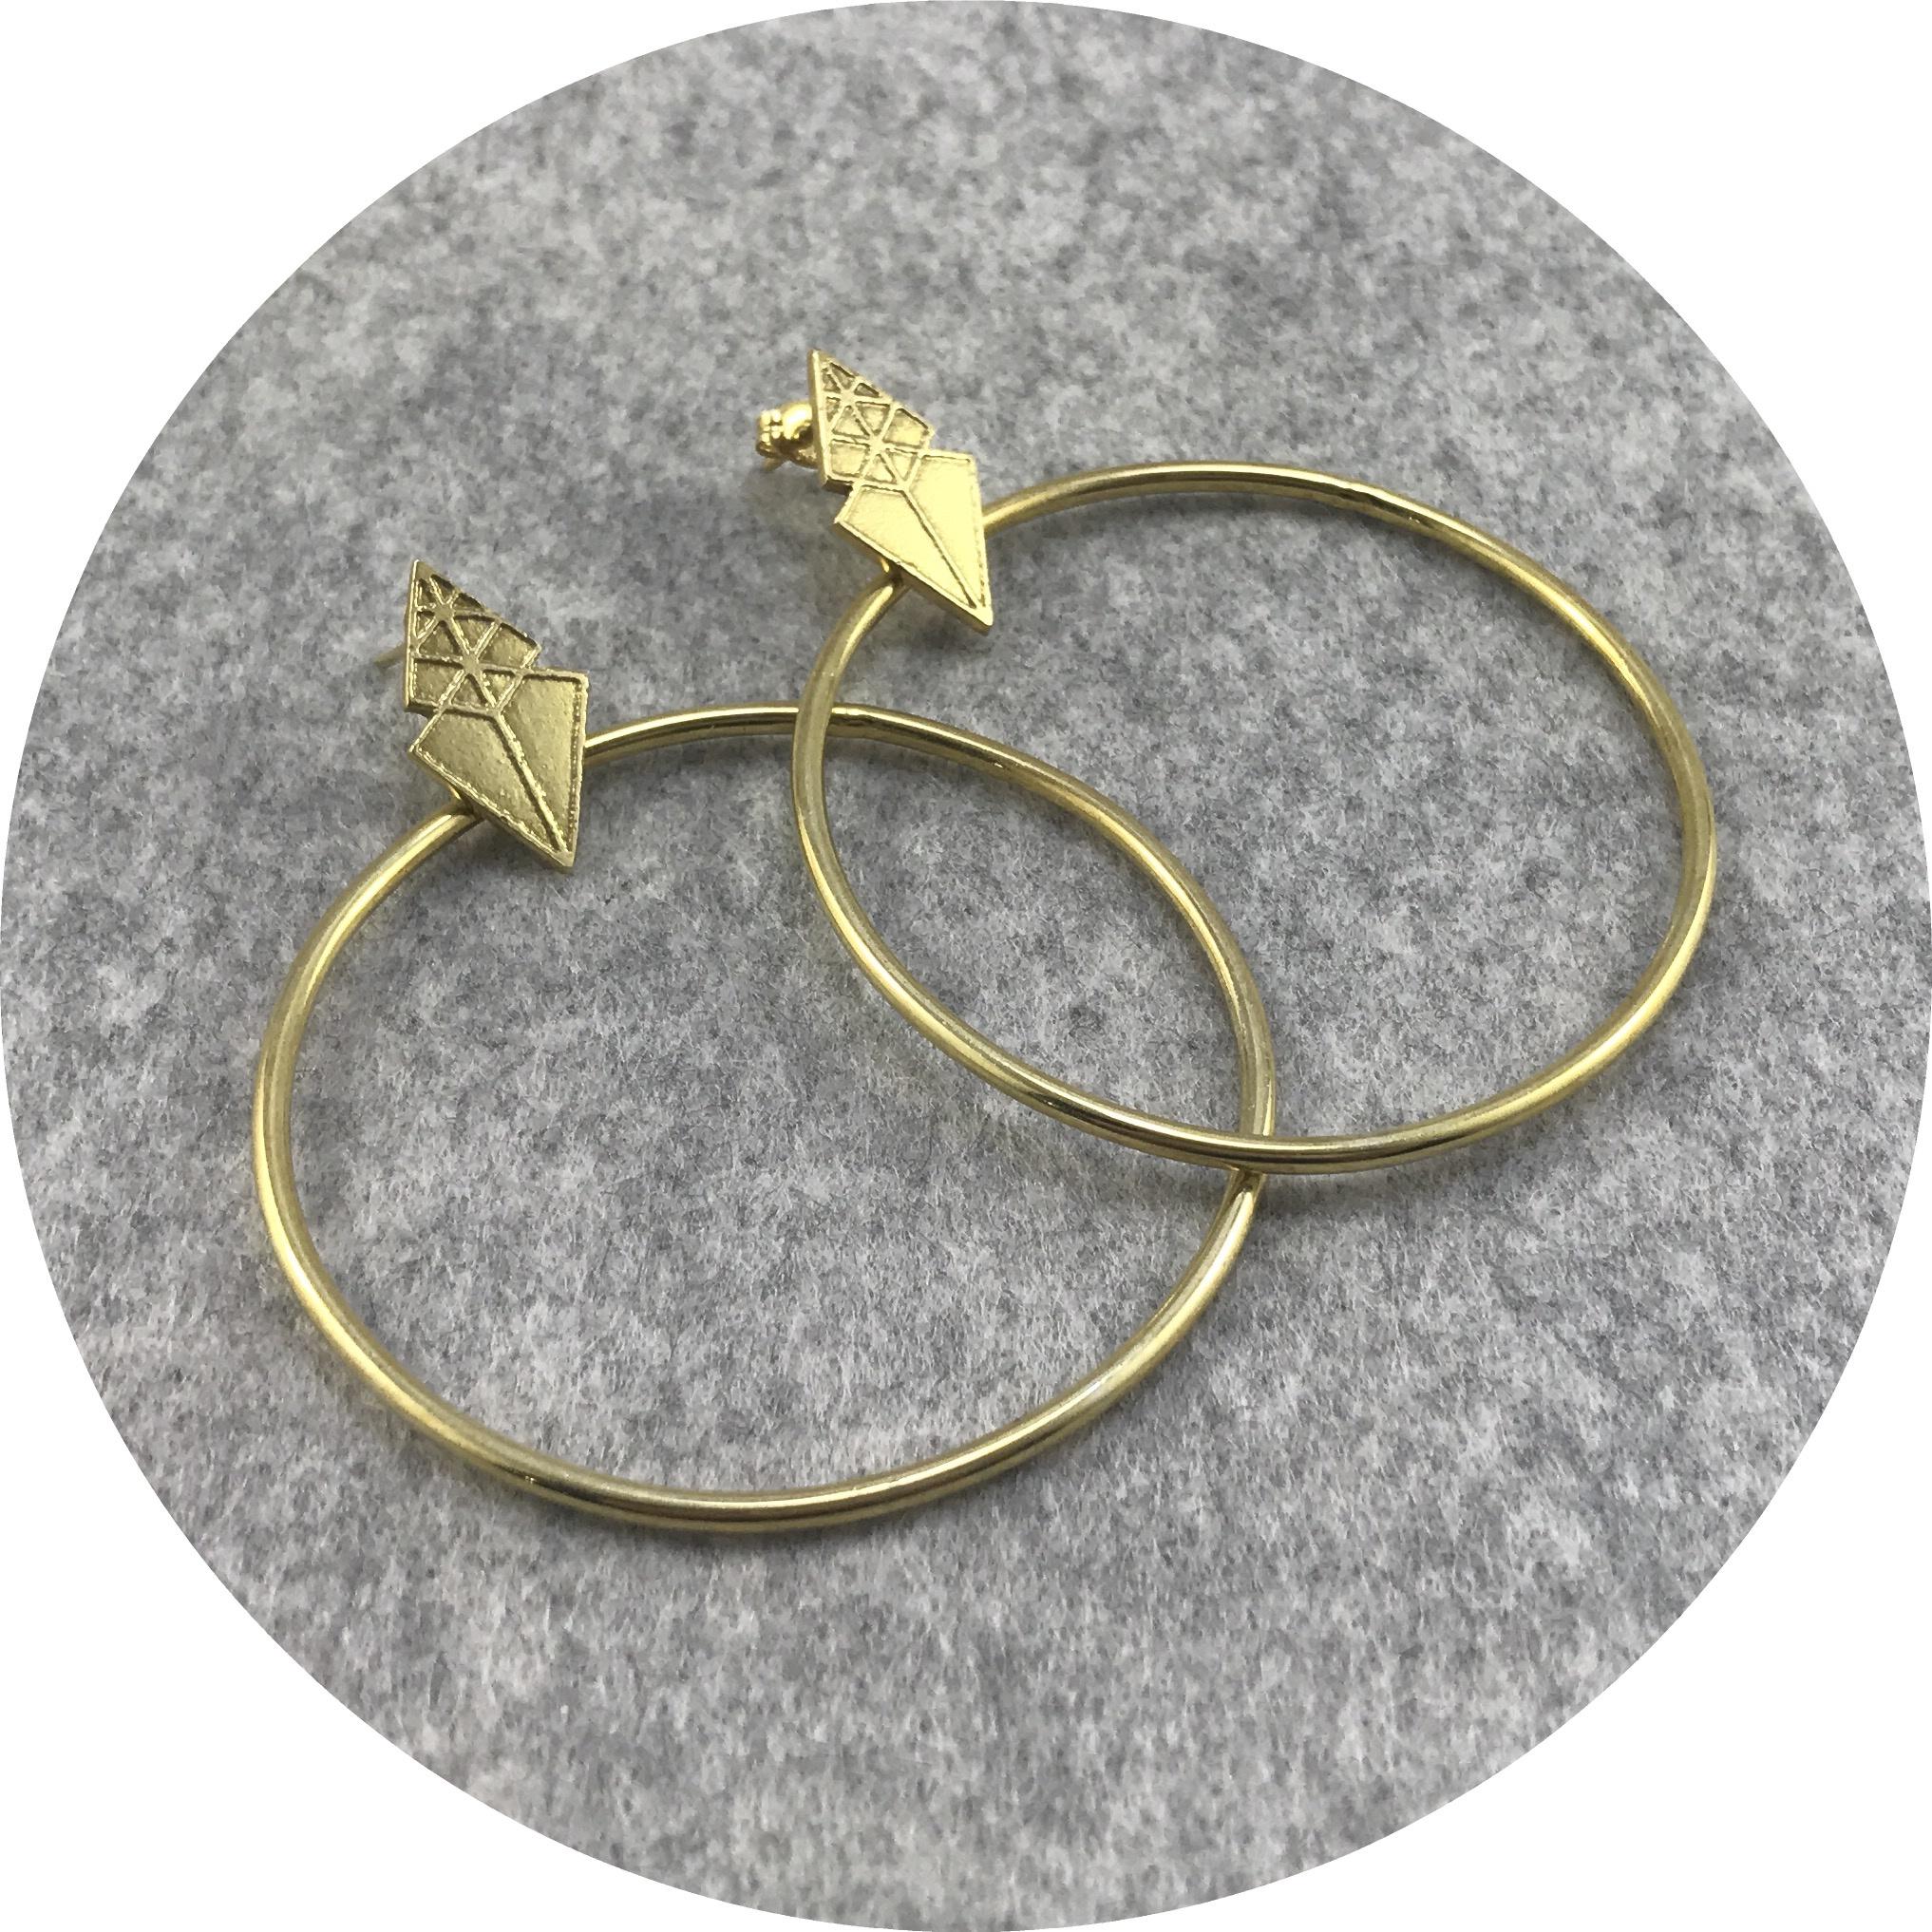 Kimba pham- Artemis Hoops, Gold vermeil.